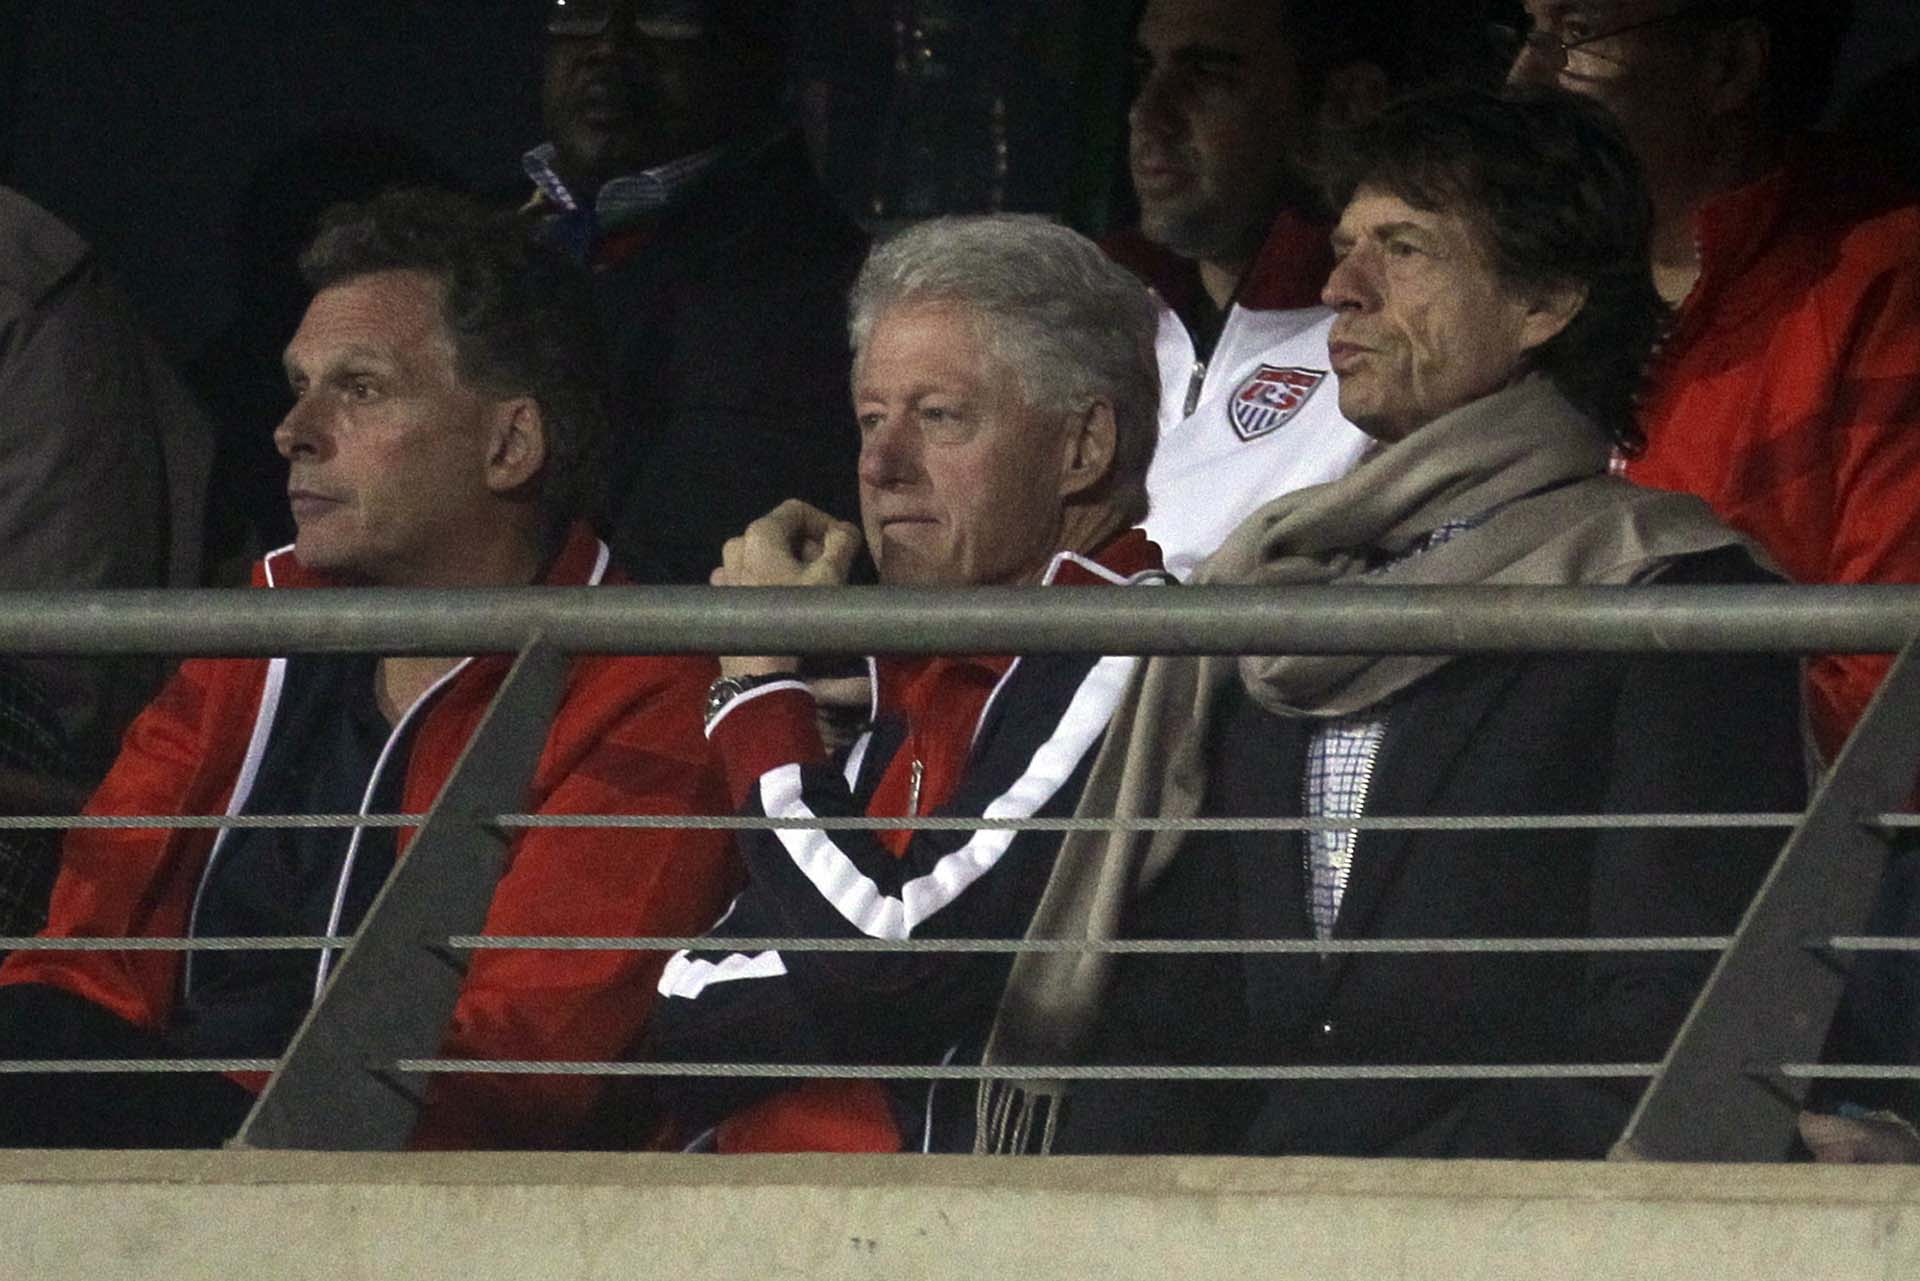 El 26 de junio de 2010, presenció uno d egos partidos de los EEUU en el Mundial de Fútbol de Sudáfrica. Con él, el ex presidente Bill Clinton